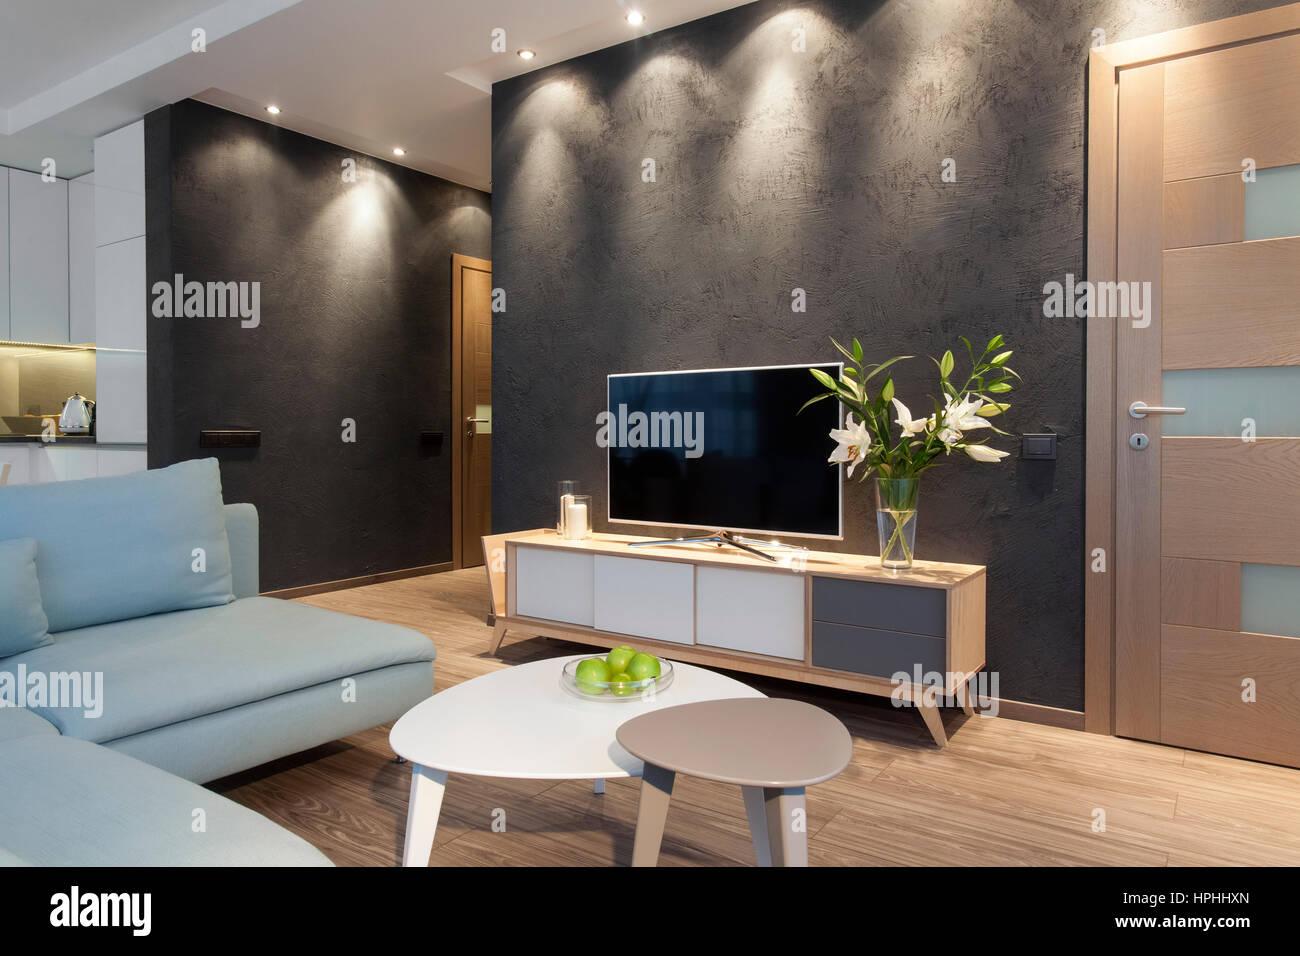 Arredamento Moderno Salotto : Arredamento moderno di un piccolo appartamento privato salotto